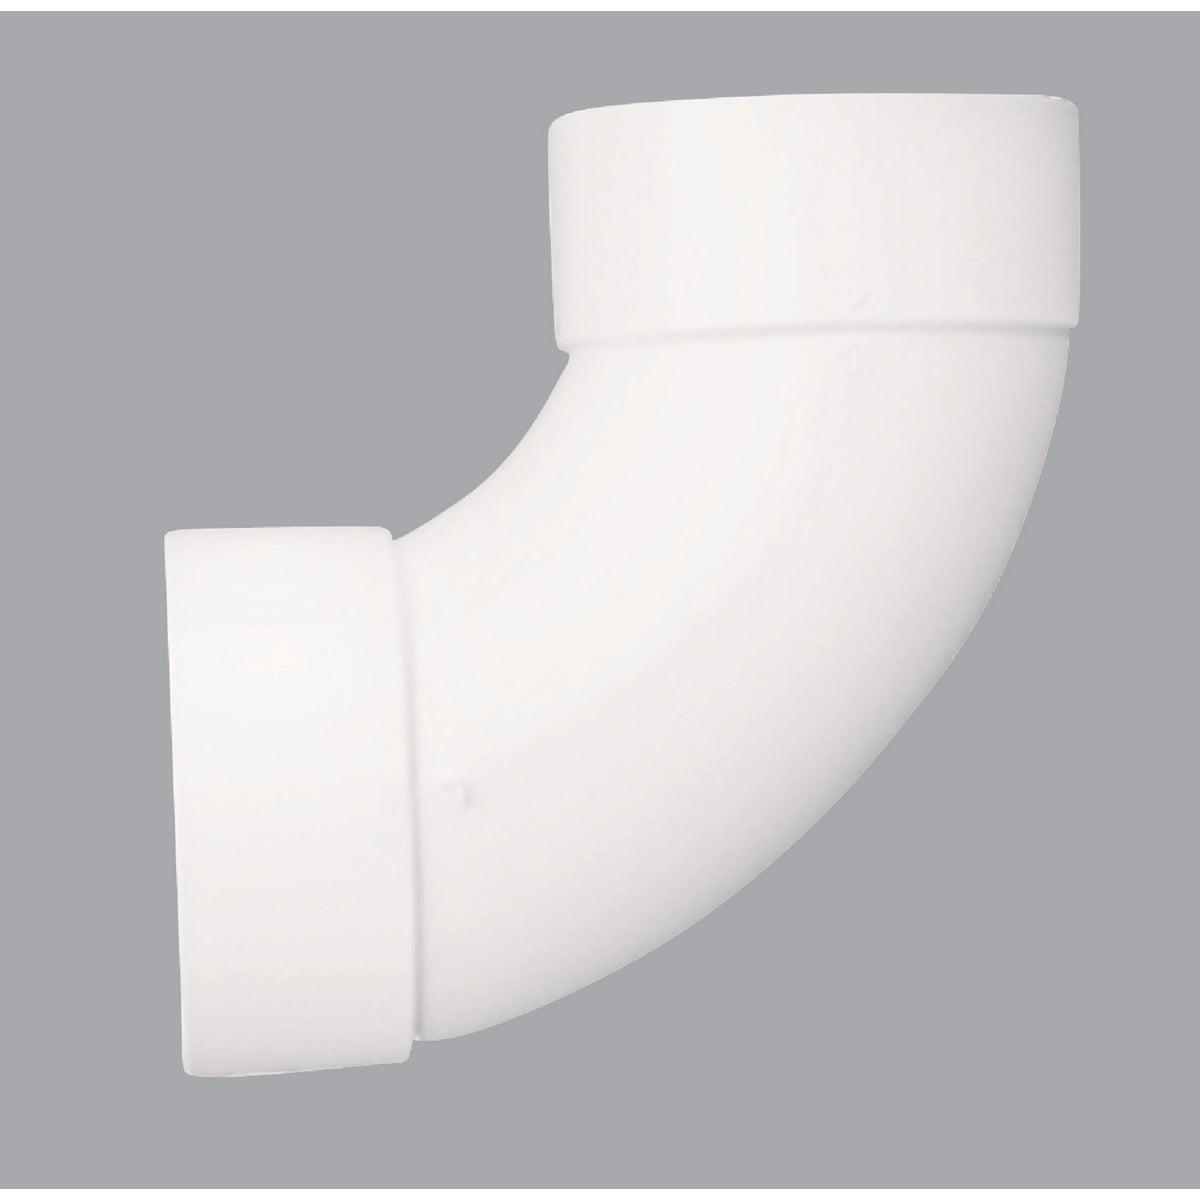 """3"""" 90D S&D PVC SAN ELBOW - 42830 by Genova Inc"""